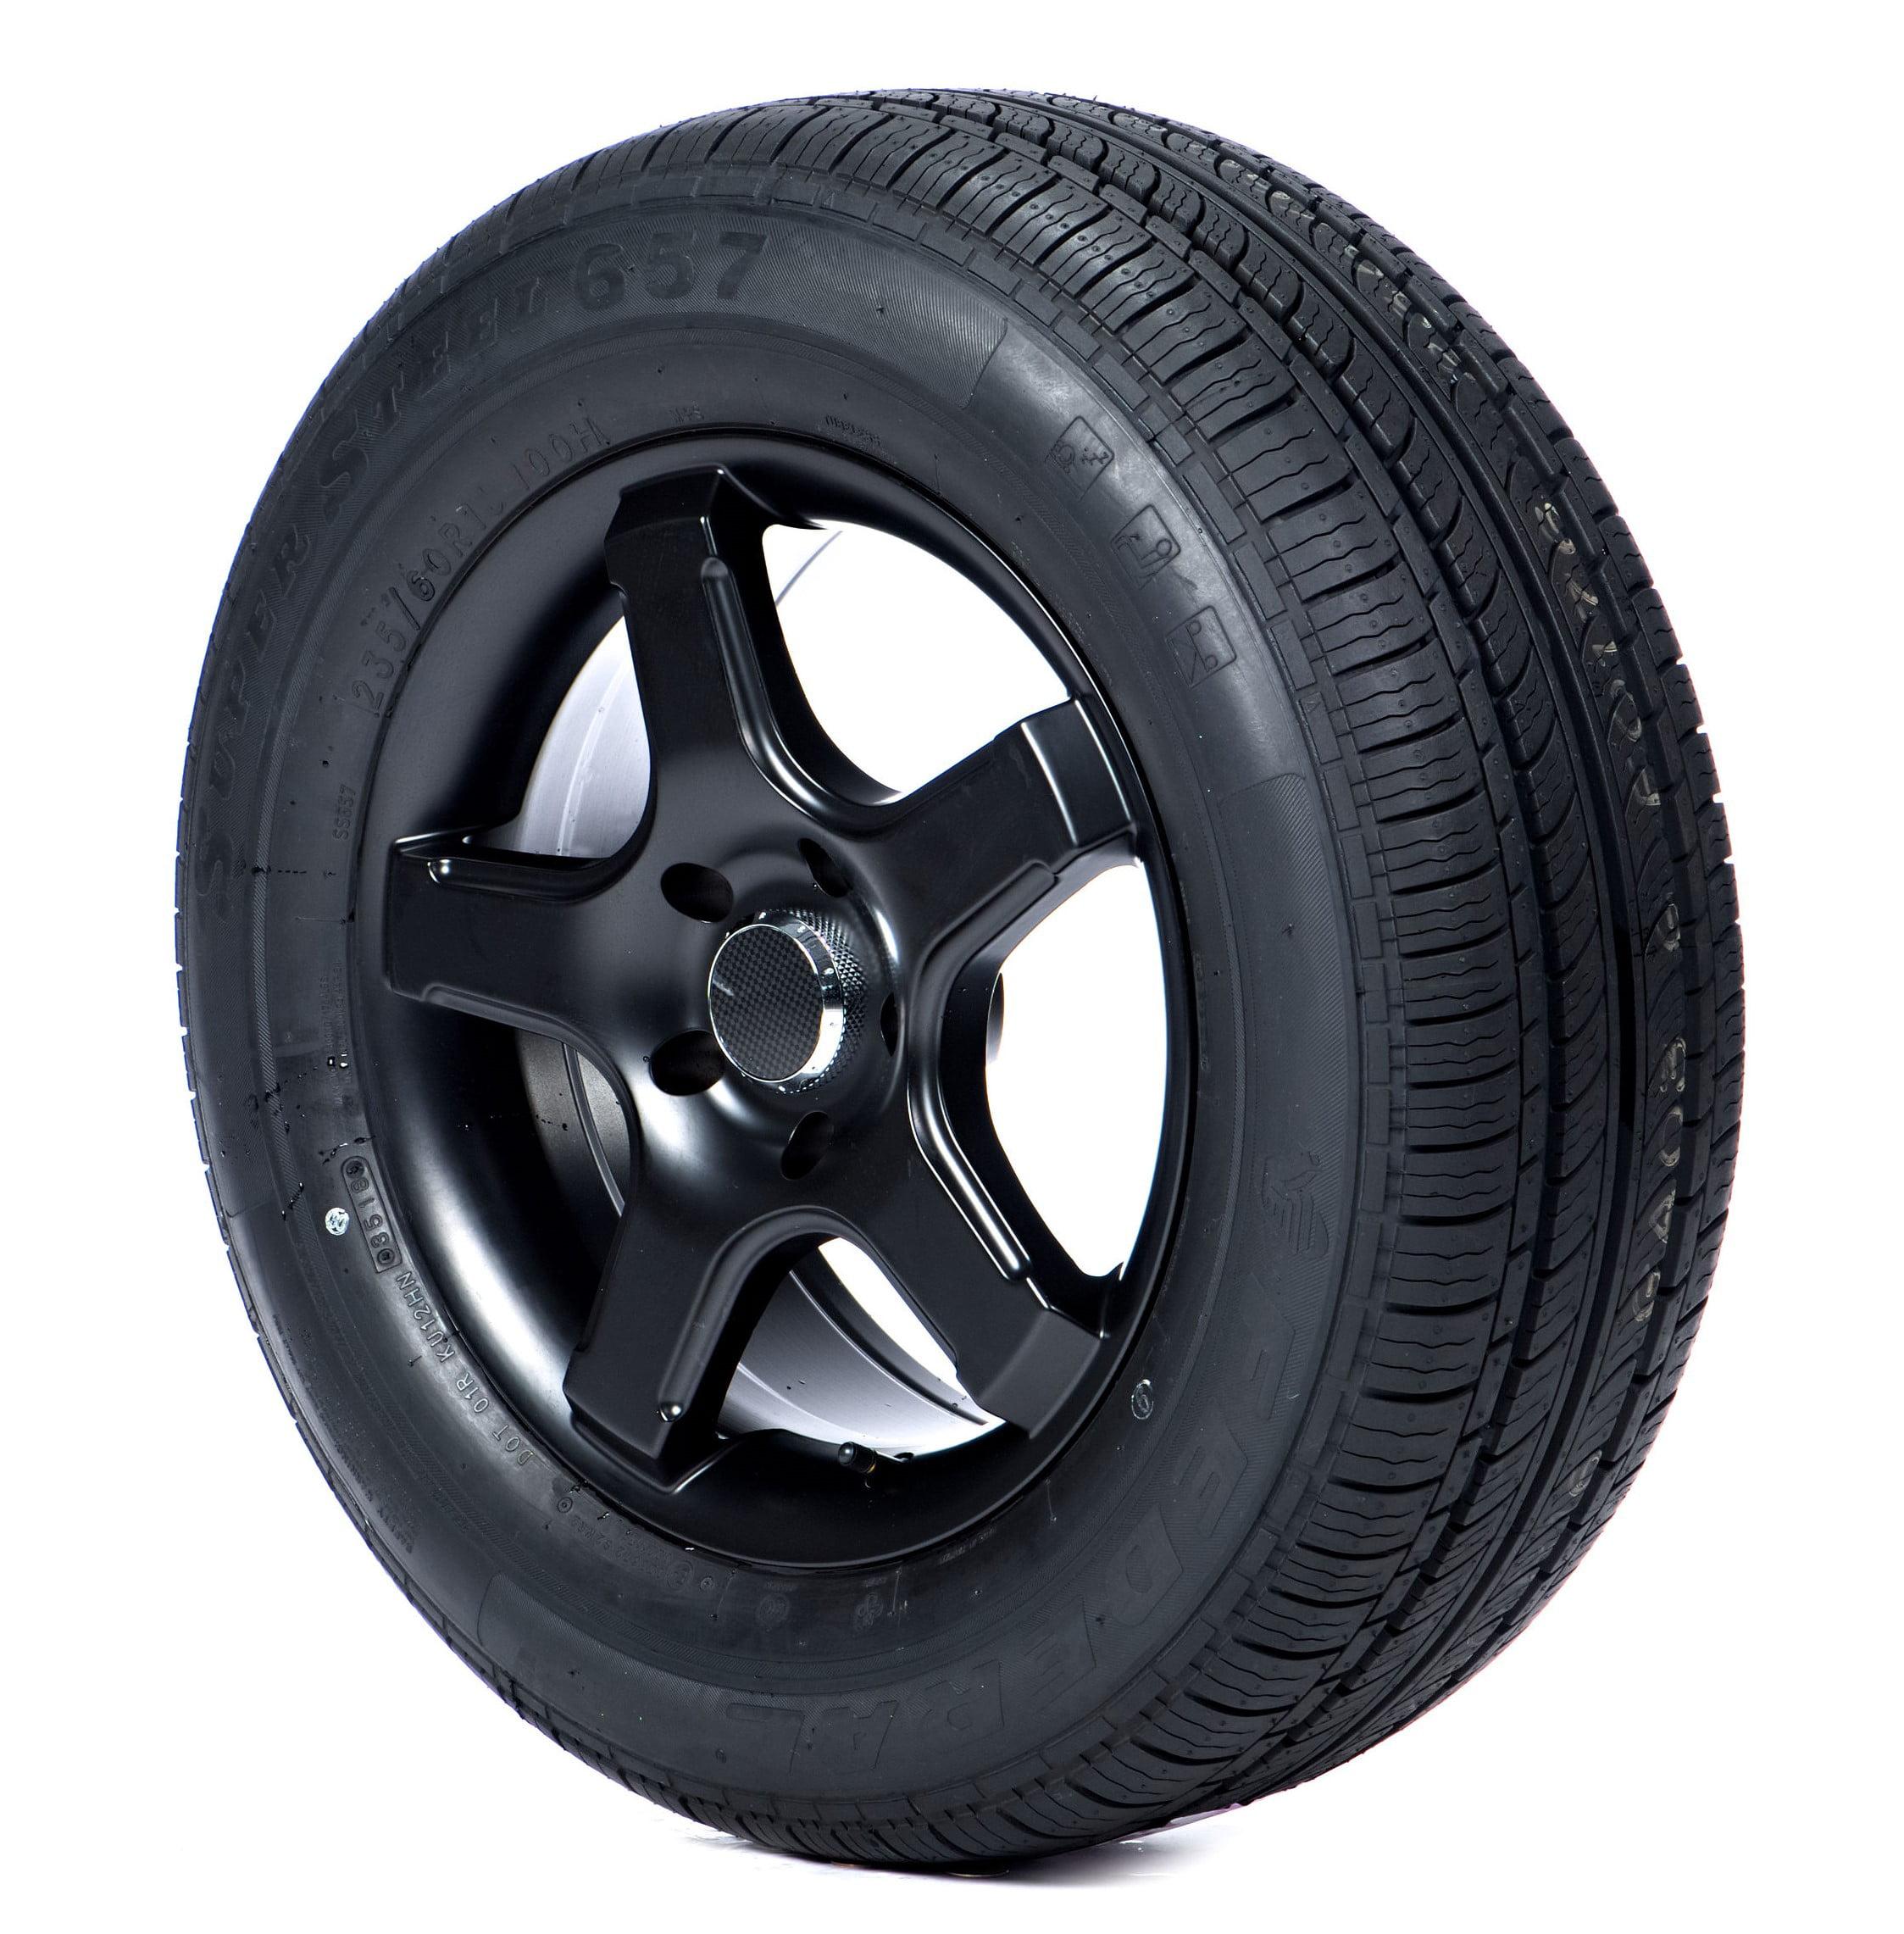 Federal SS657 All-Season Tire - 165/65R14 79T